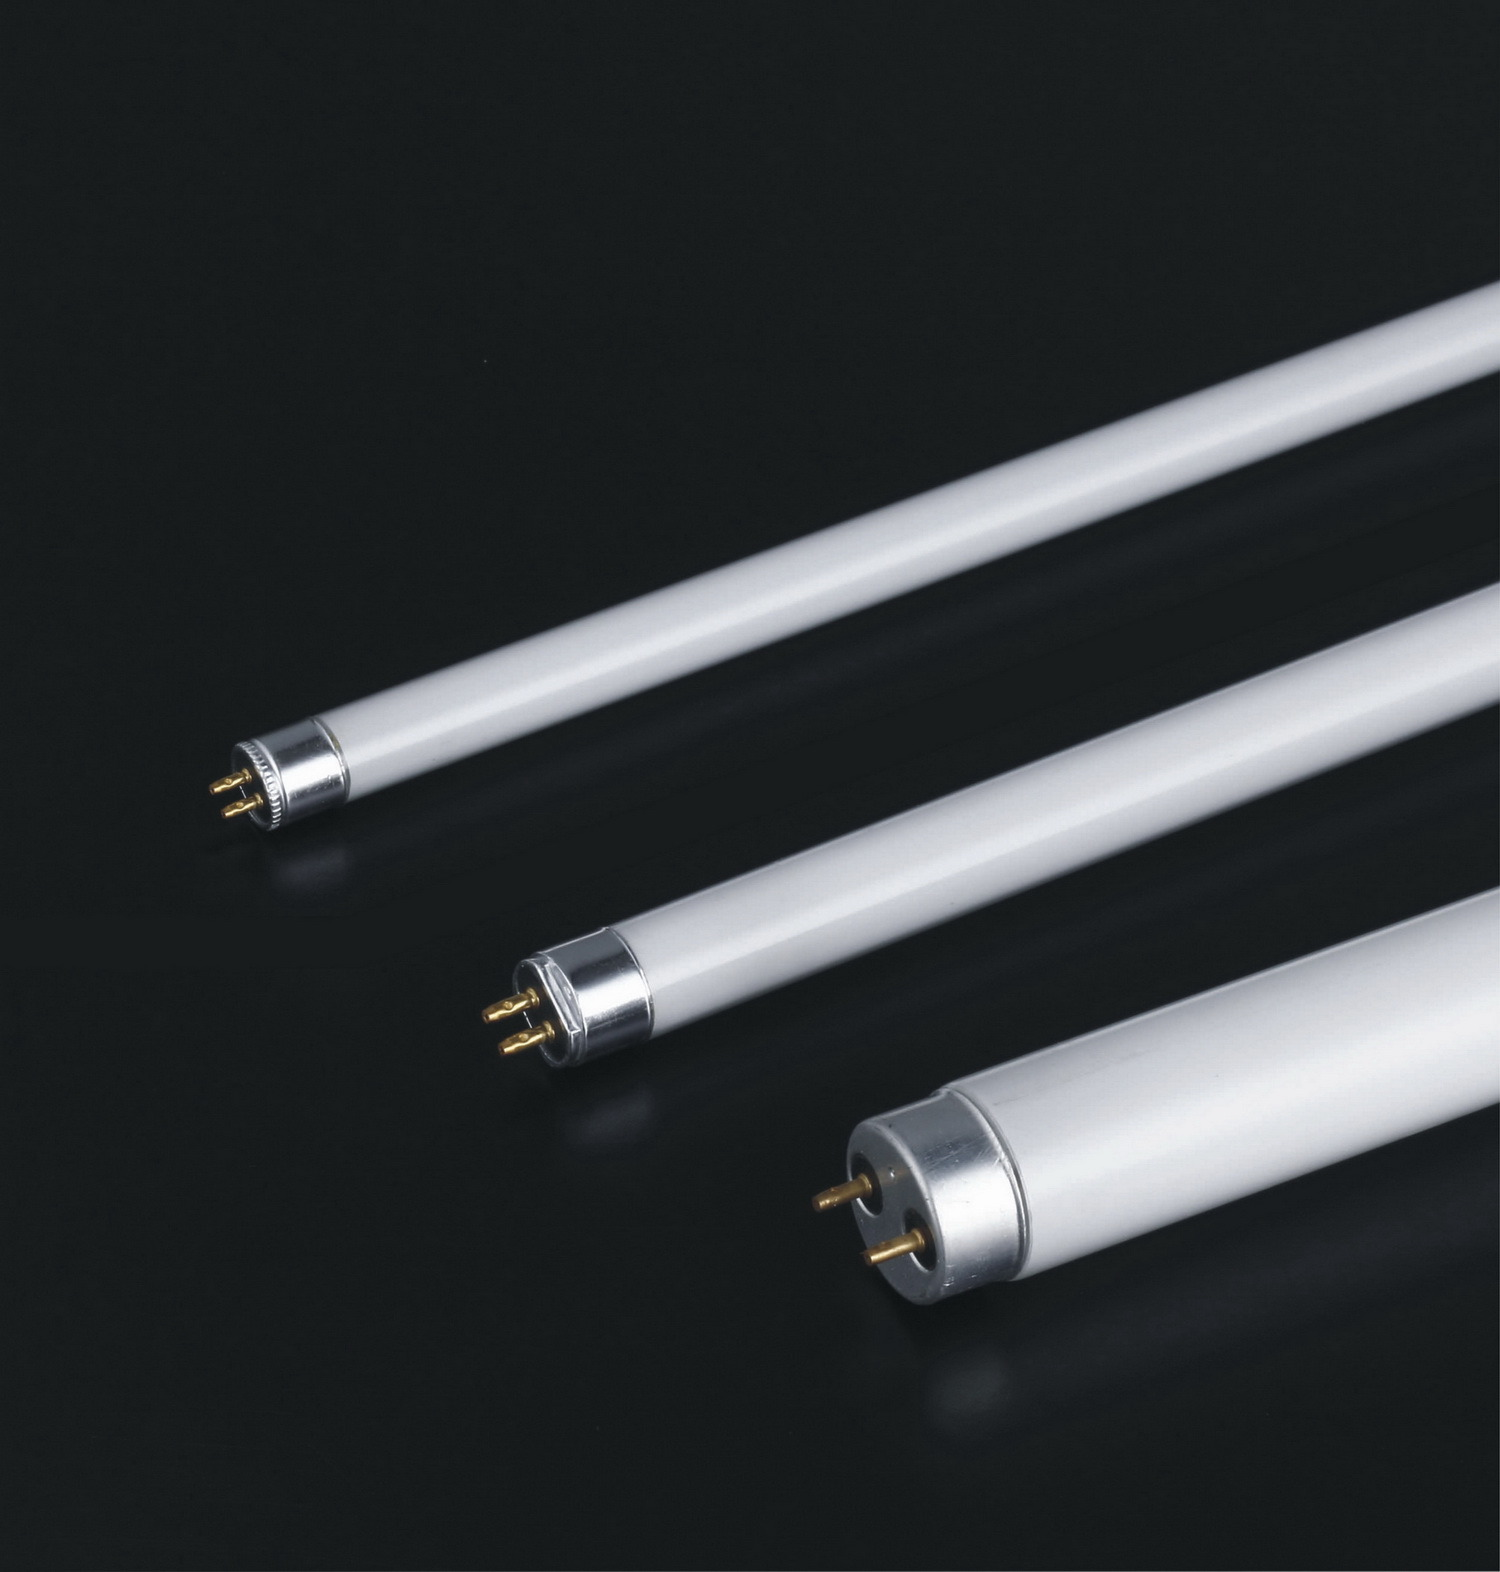 Foto de t4 t5 t8 t9 t10 t12 l mpara fluorescente - Lampara tubo fluorescente ...